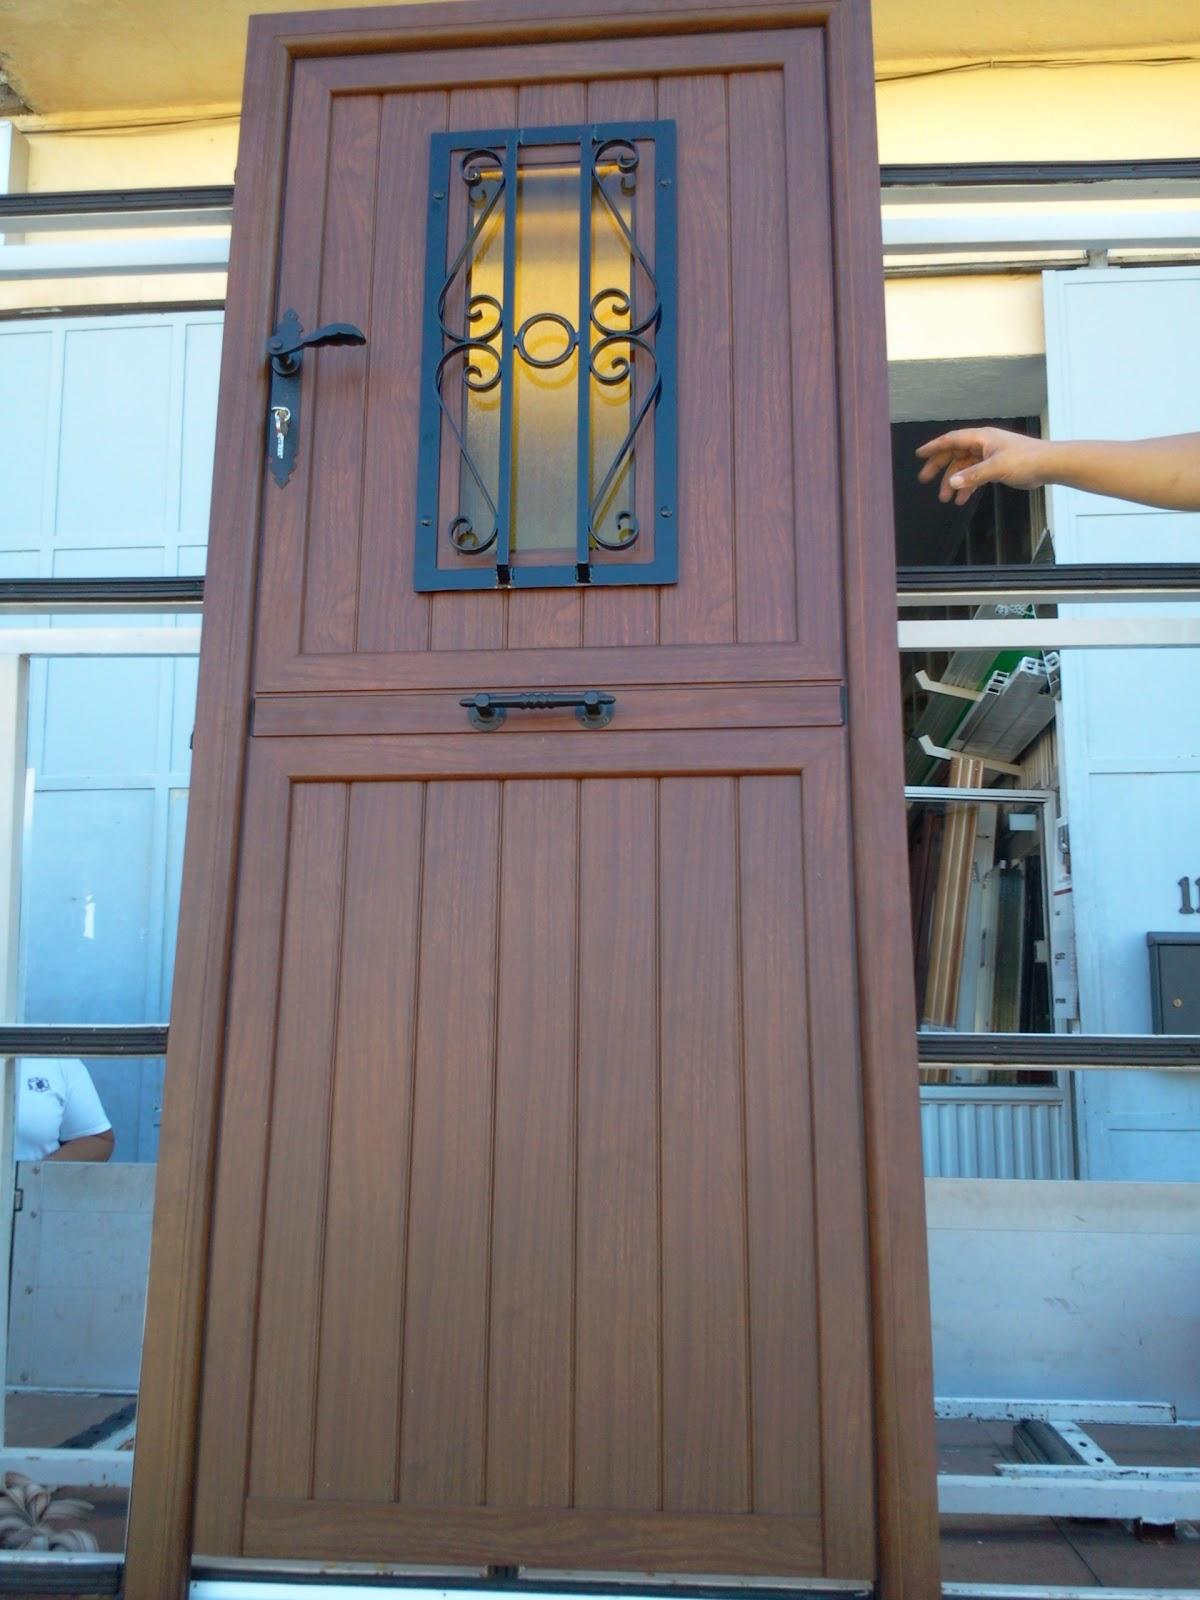 Aluminio y cristal puerta rusticas for Puertas de aluminio rusticas